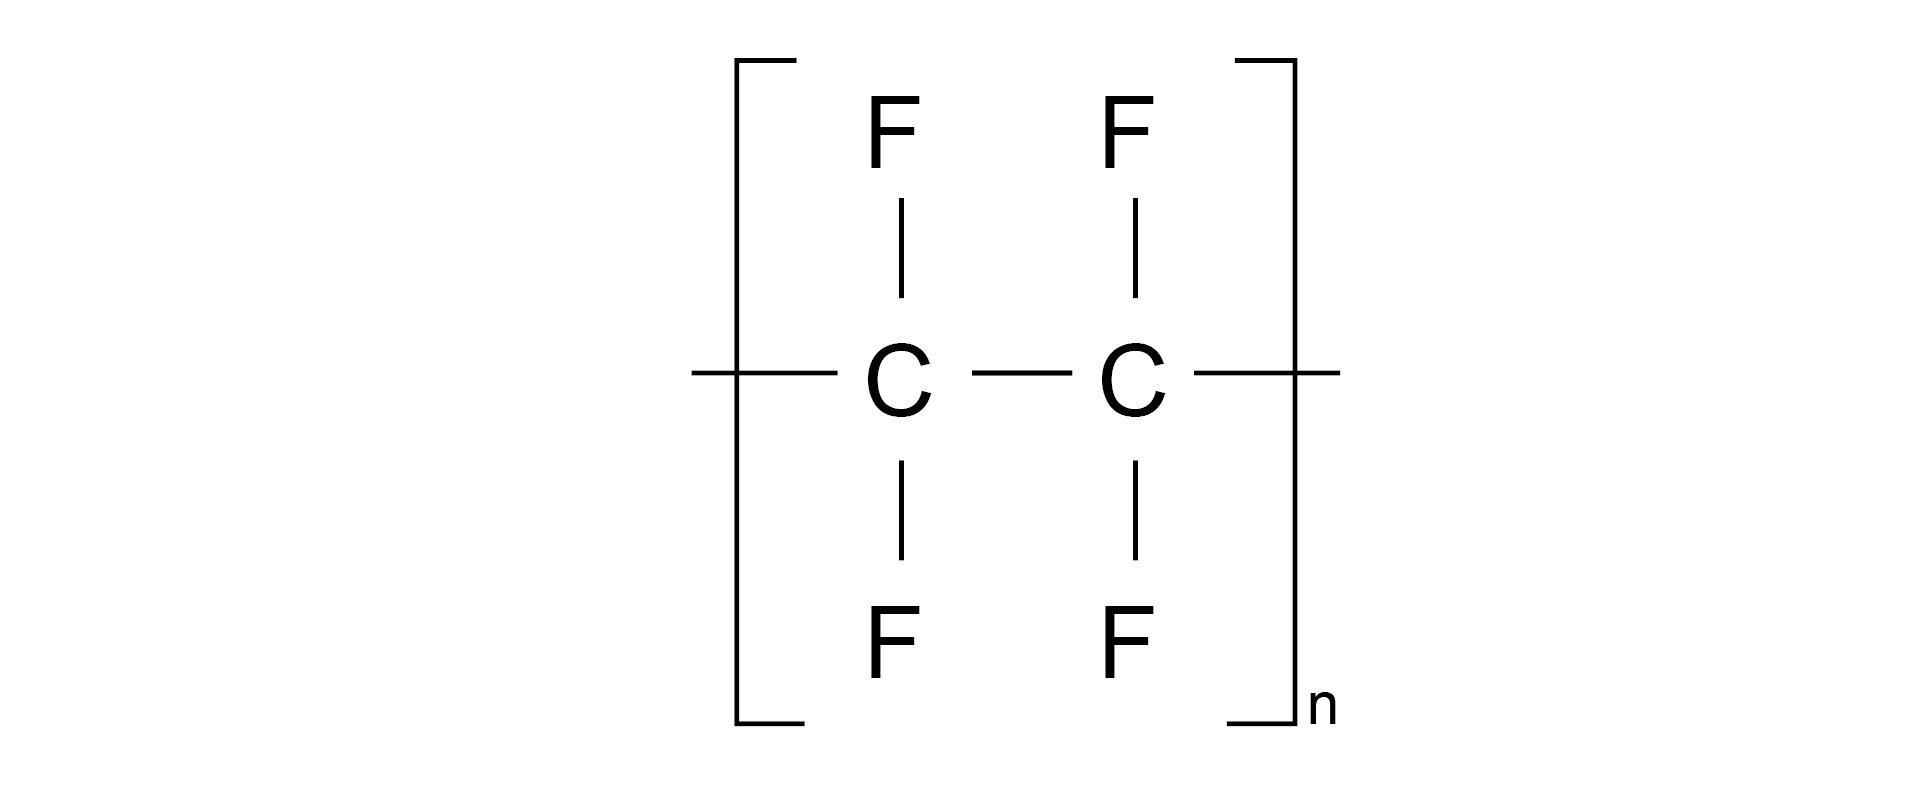 Ilustracja pokazuje wzór strukturalny politetrafluoroetylenu.